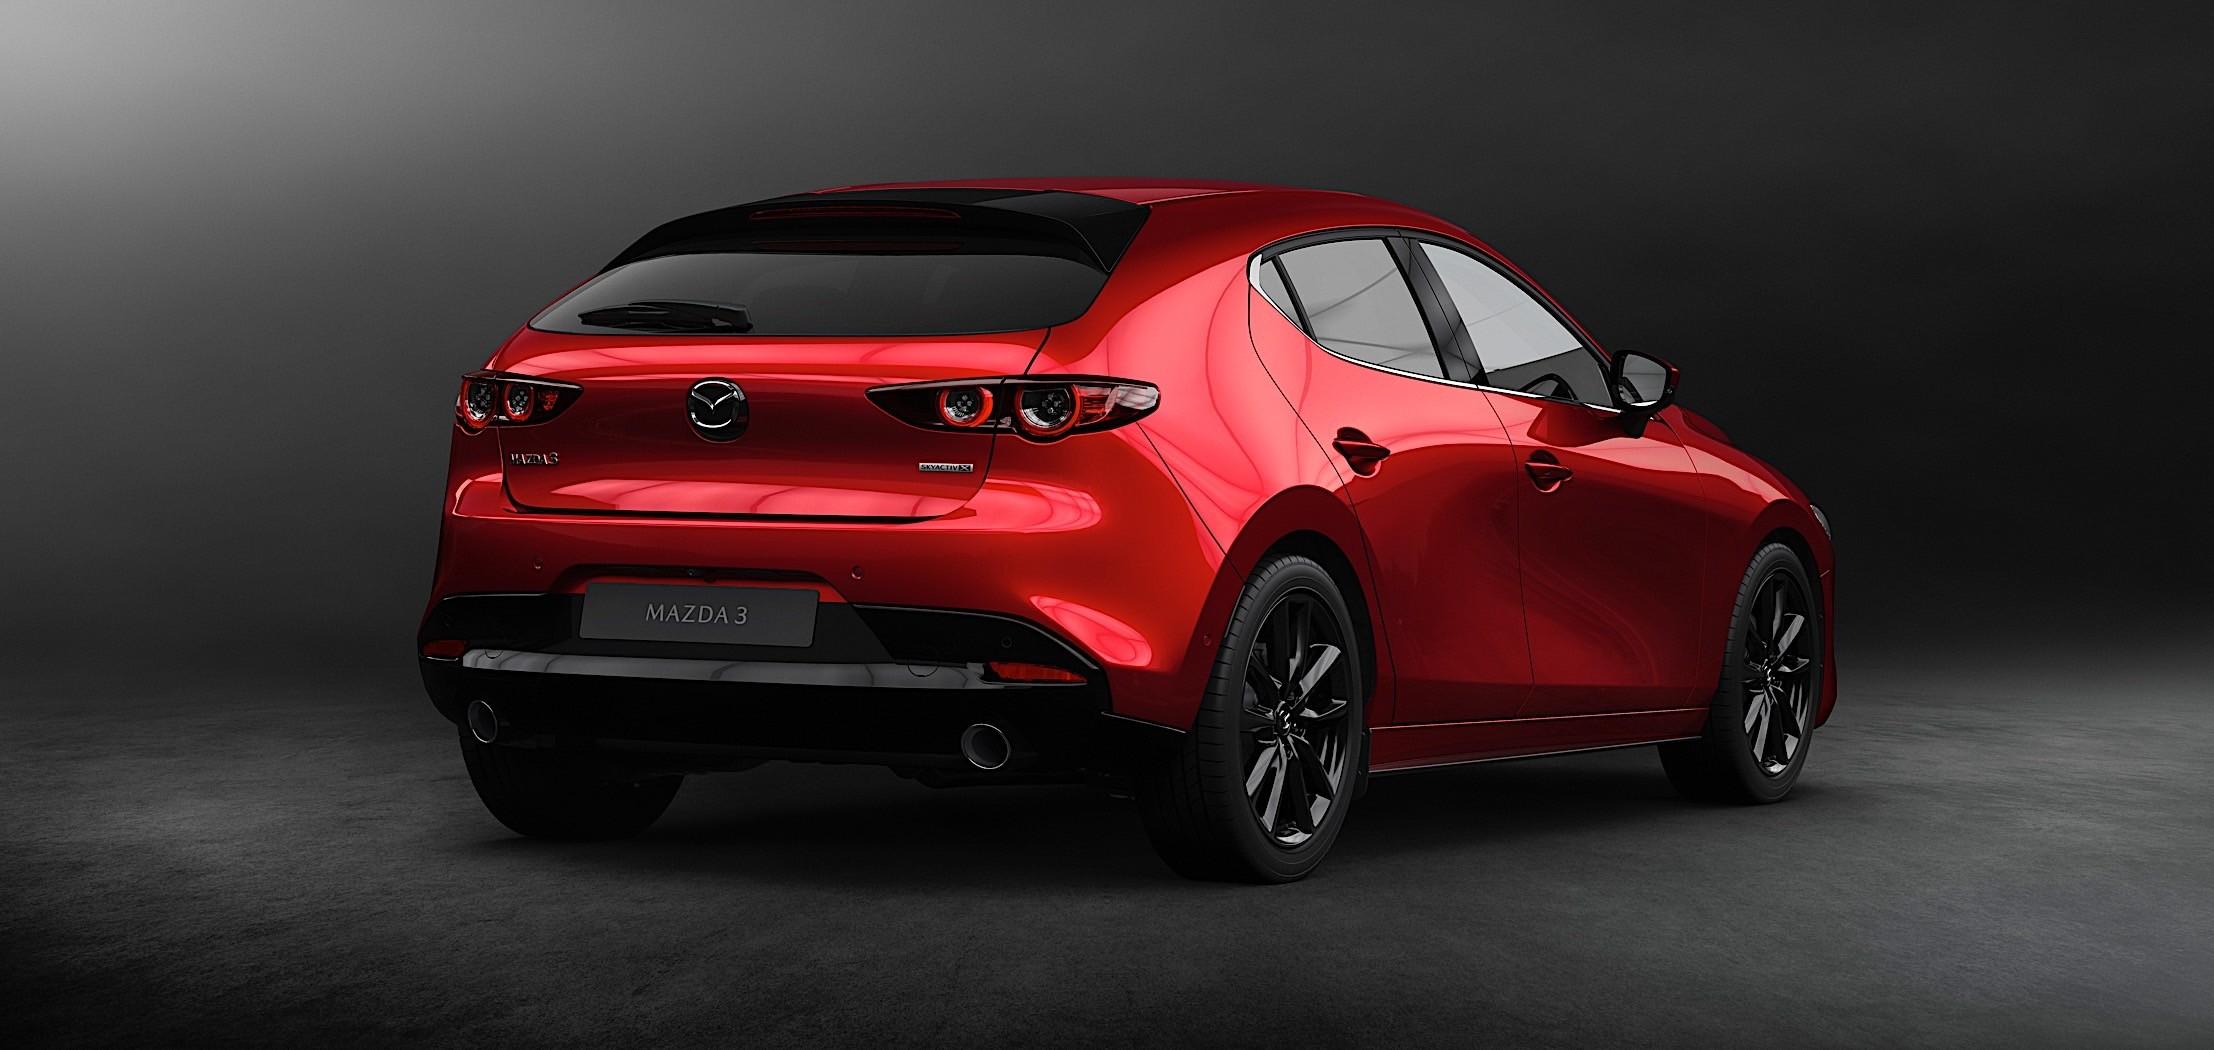 Kelebihan Mazda 3 Diesel Murah Berkualitas